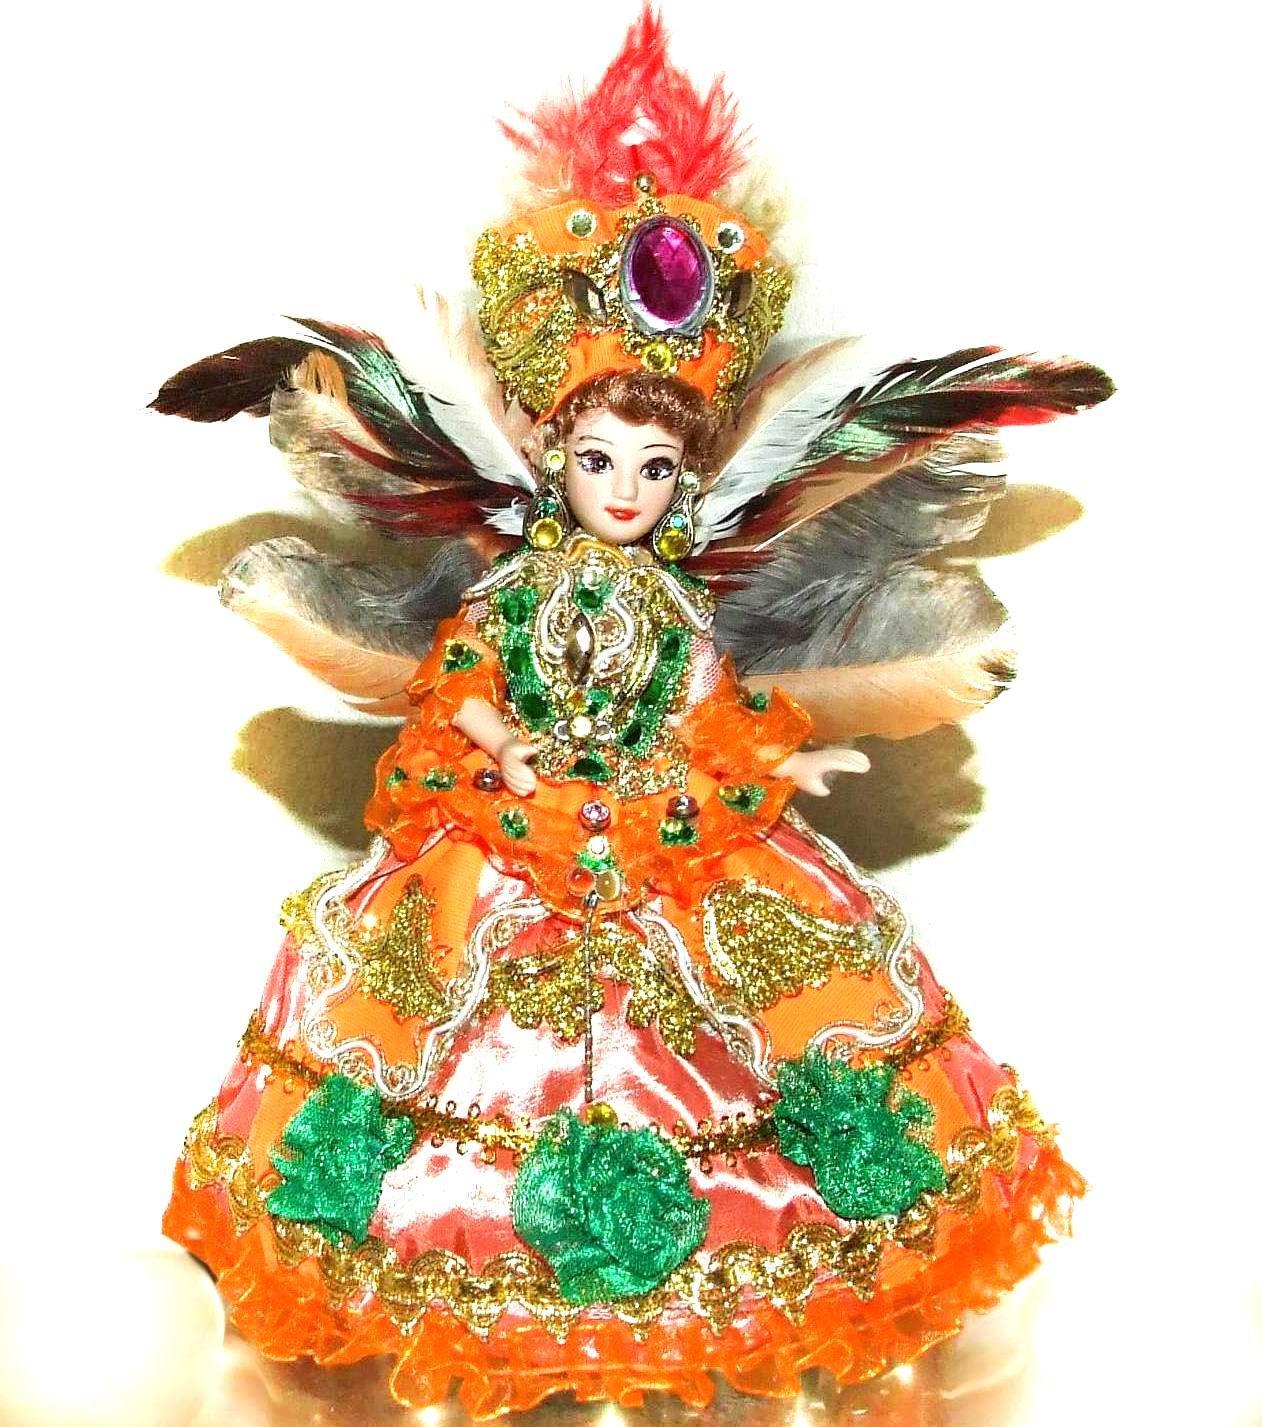 Бразильянка - полностью фарфоровая кукла 22 см в ...